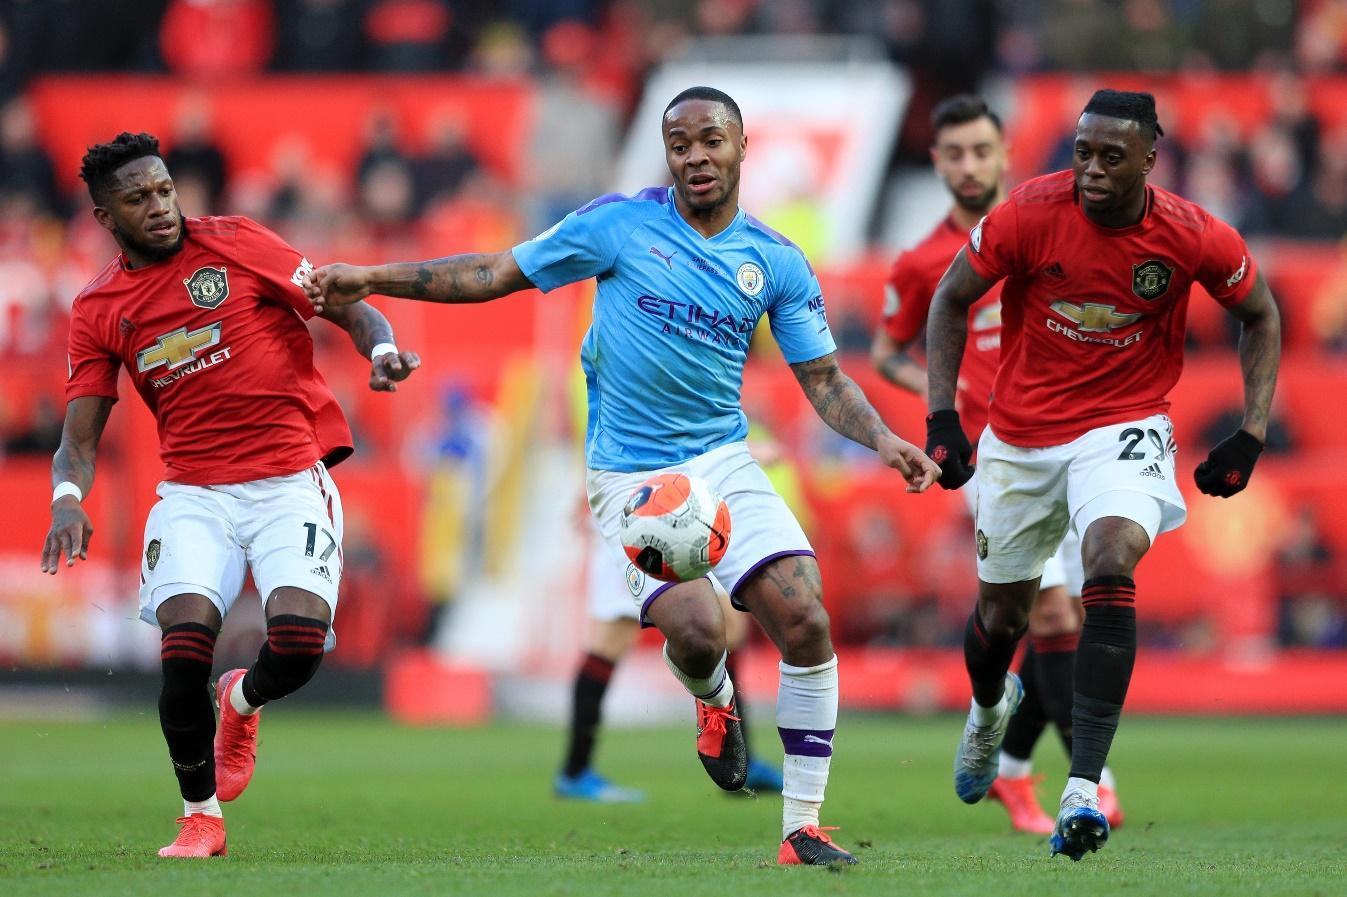 Man Utd từng đánh bại Man City 2-0 ở trận đấu lượt về mùa trước